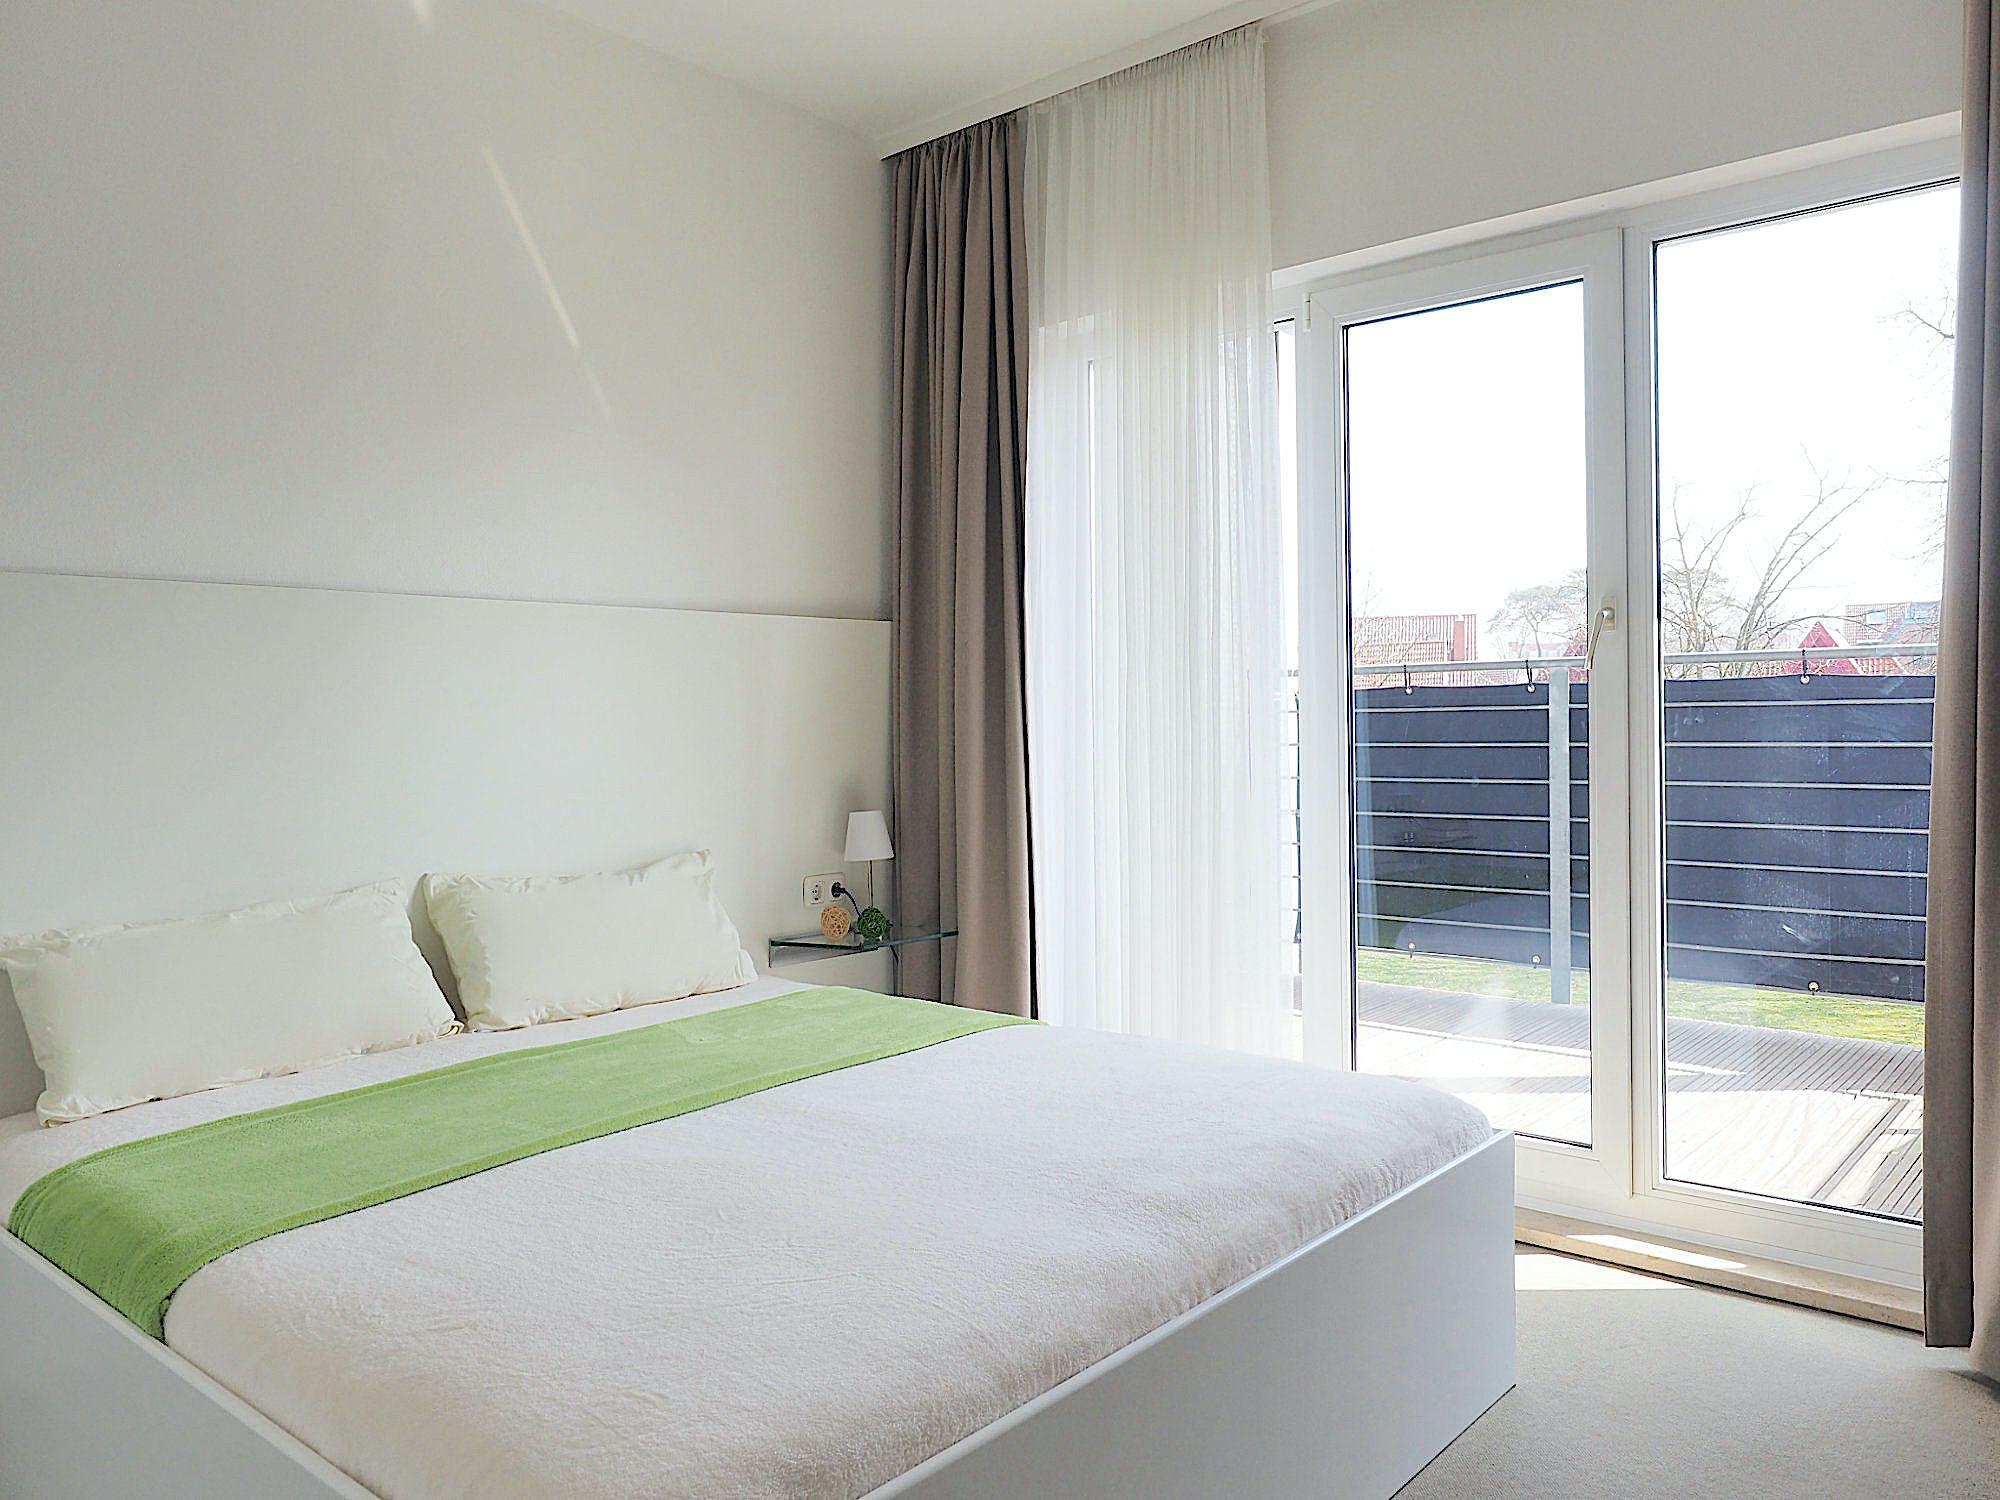 Zweites Schlafzimmer mit Doppelbett, rechts davon bodentiefe Fenster